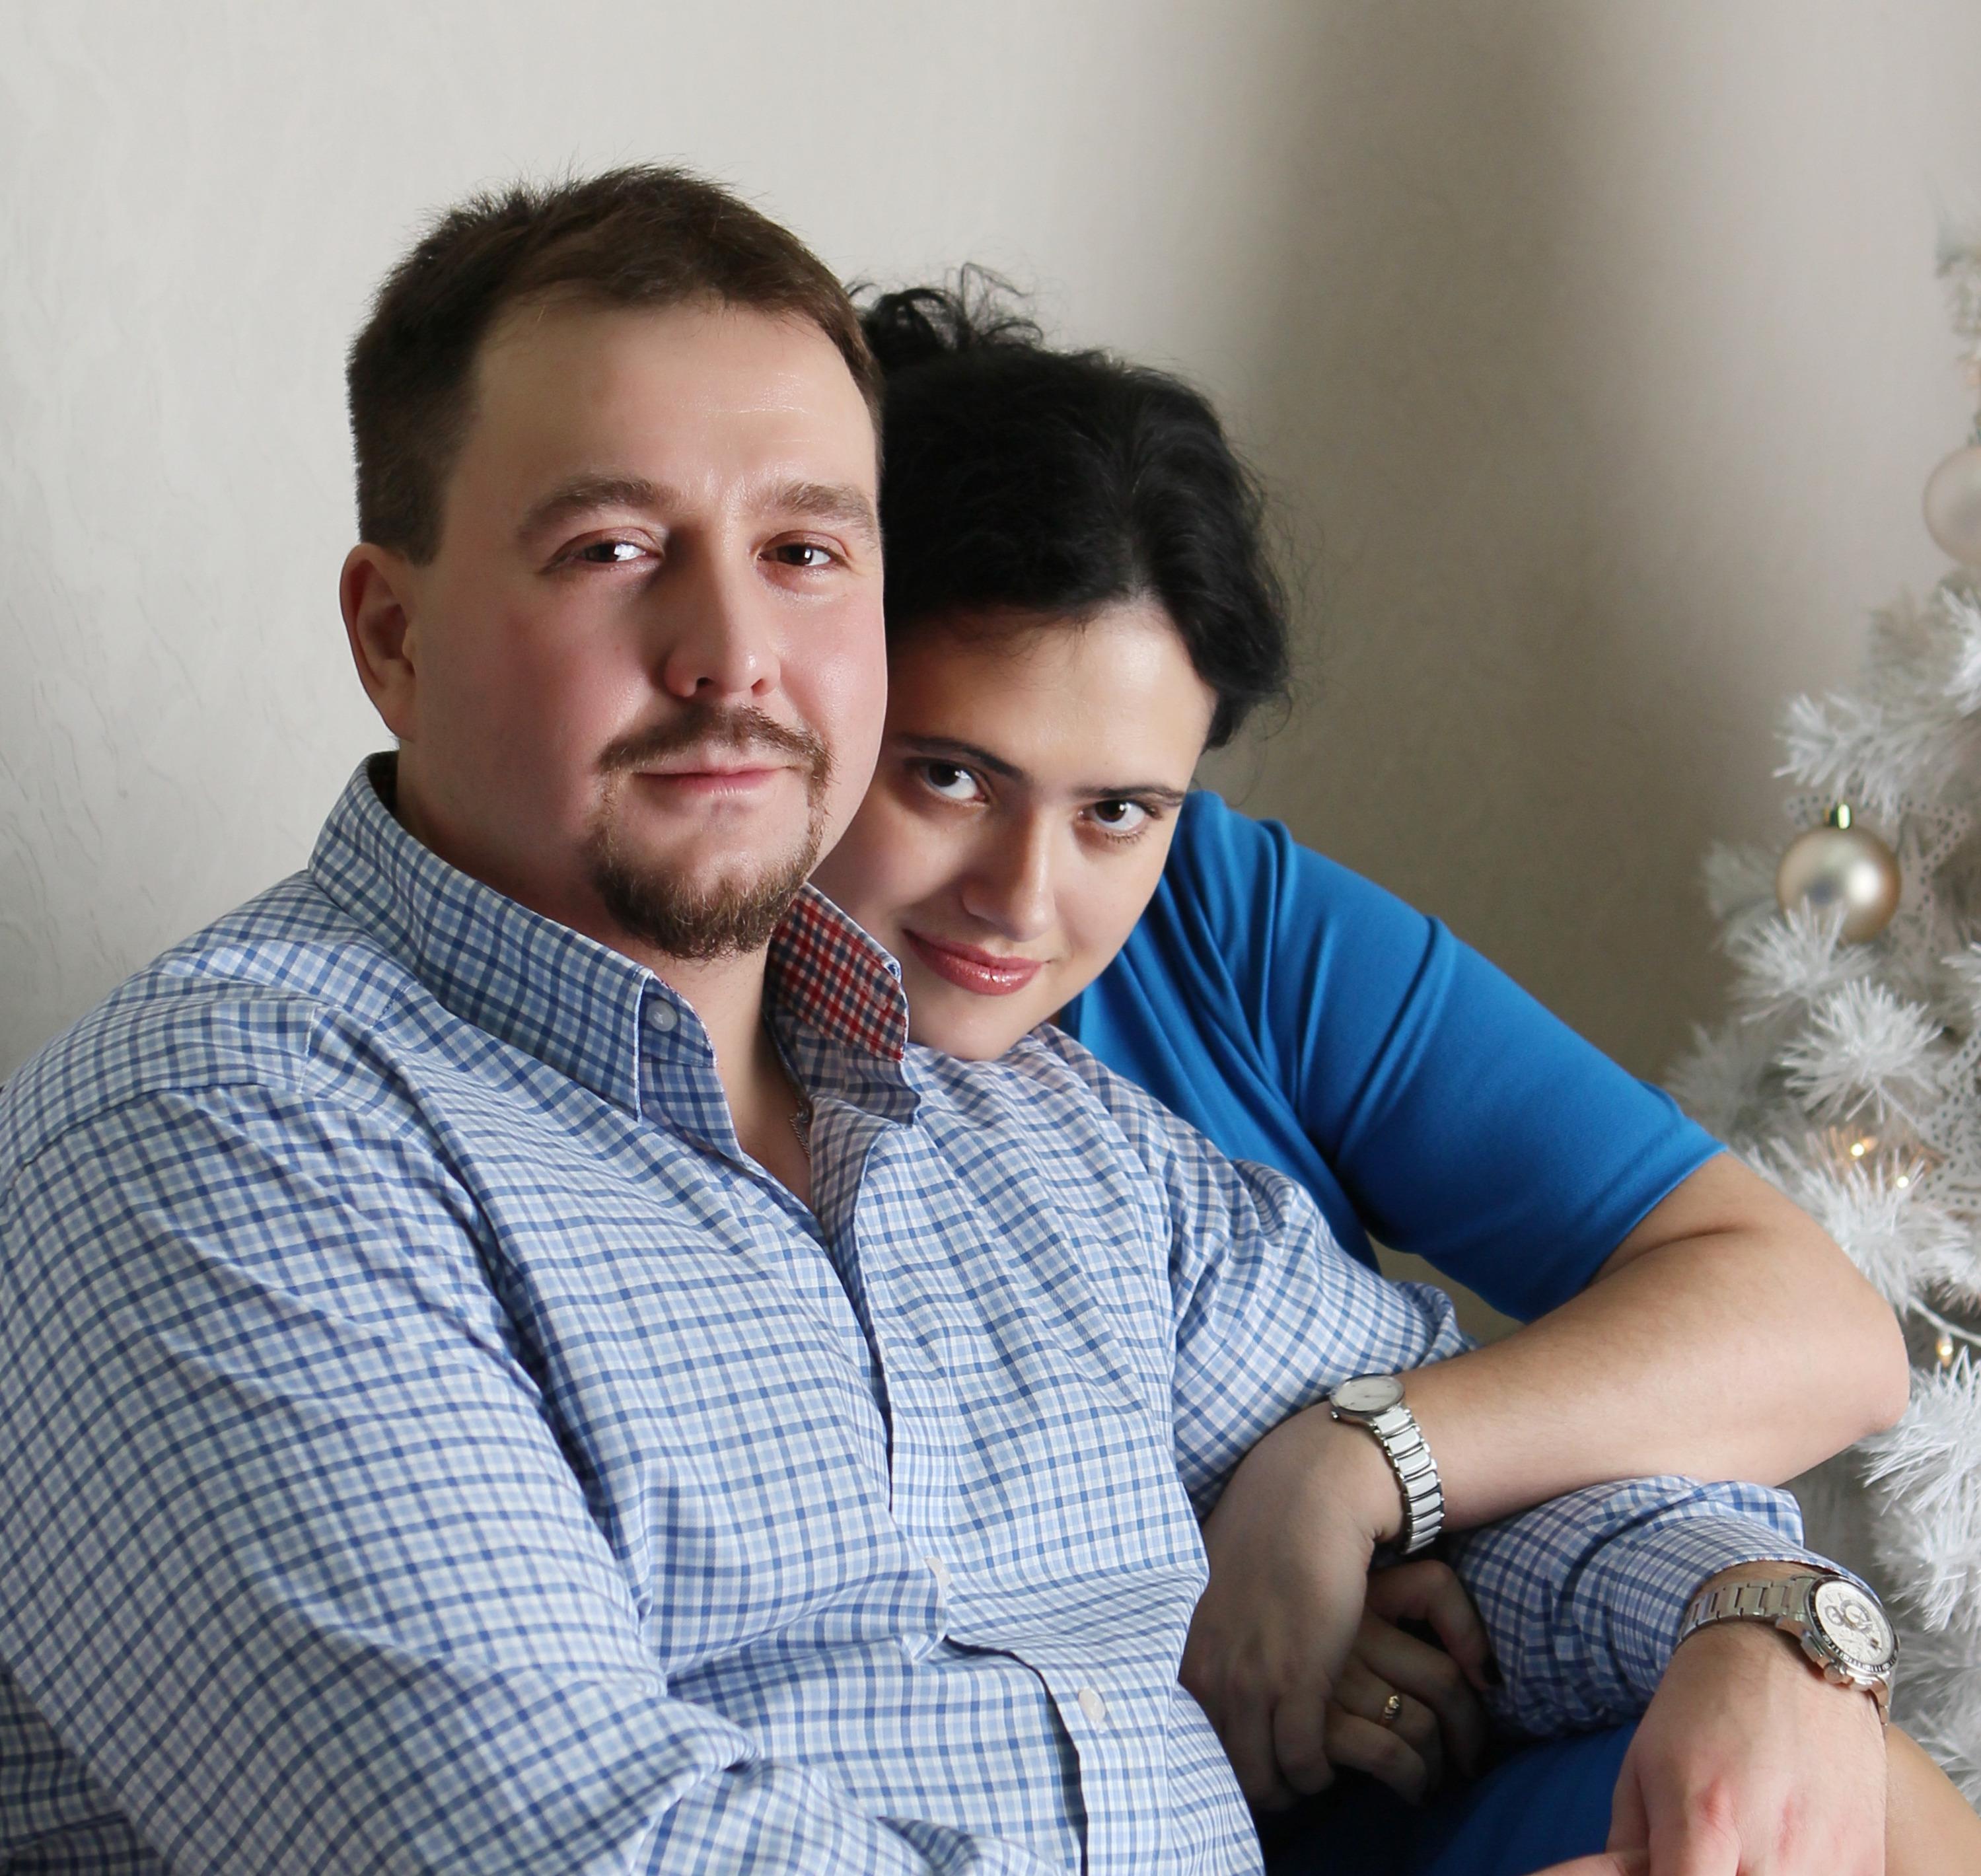 Вера Чурилова и Дмитрий Титов были вместе 13 лет — оба медики, они хорошо понимали друг друга